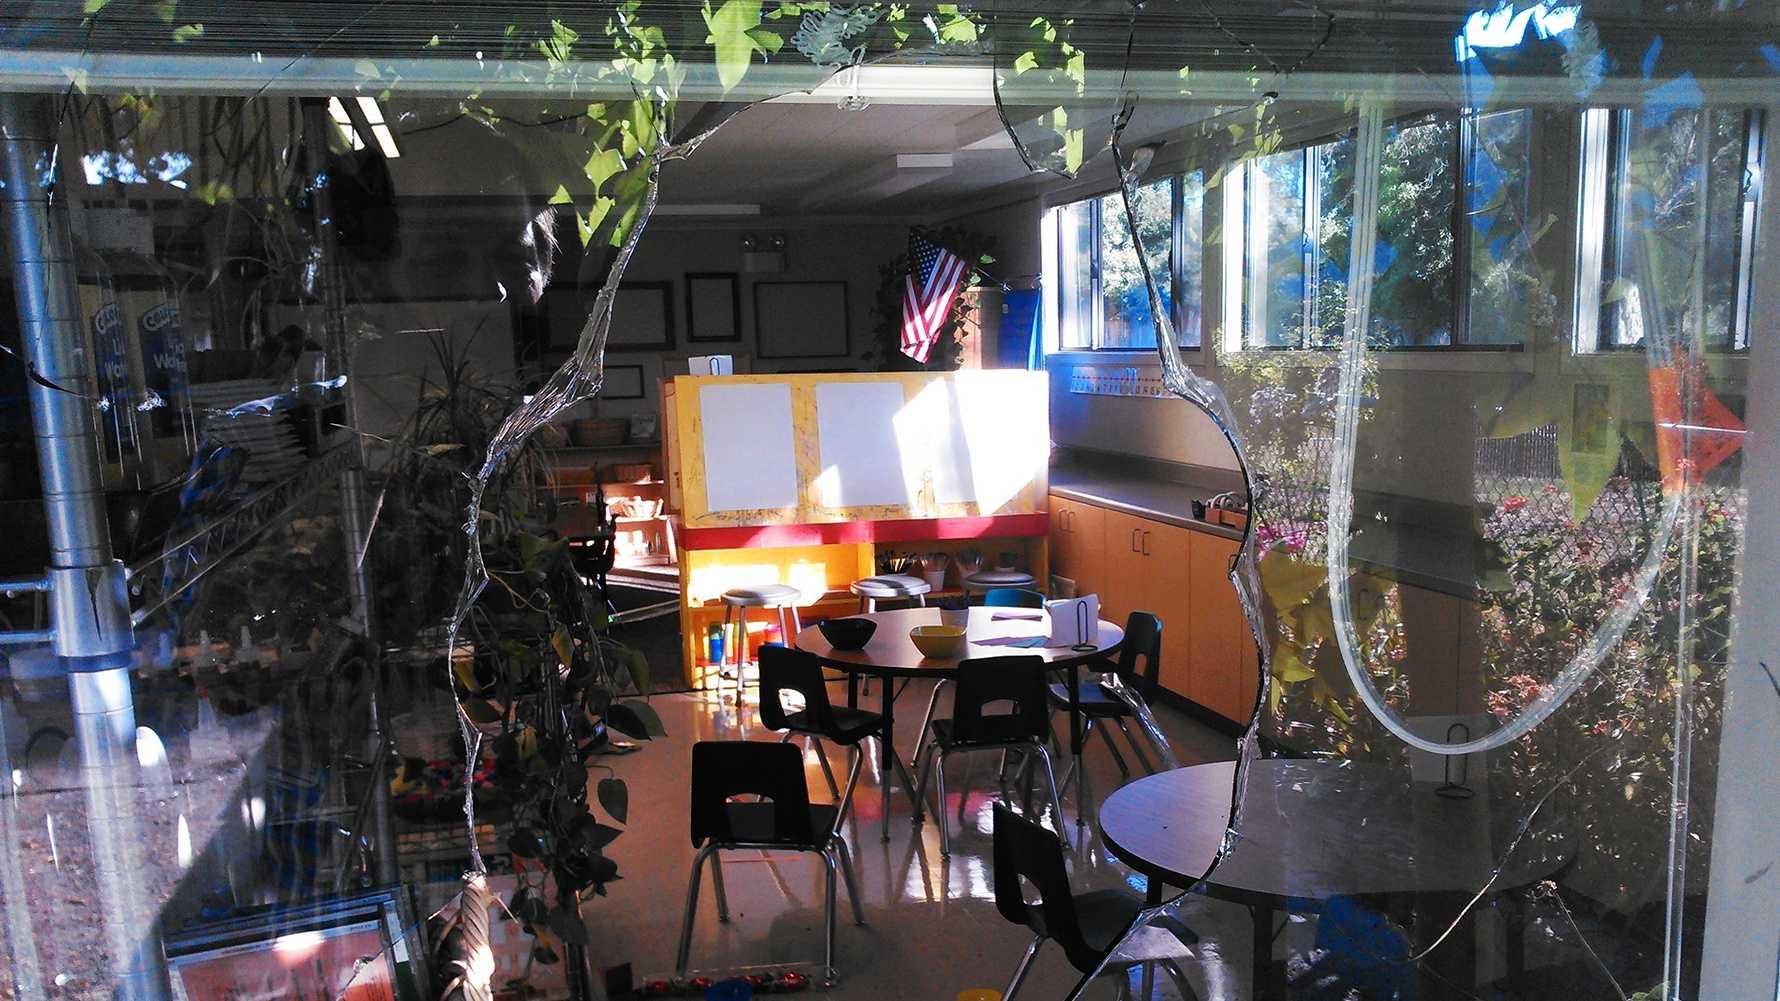 A Carmel Valley public school's kindergarten classroom was broken into. (Aug. 12, 2014)